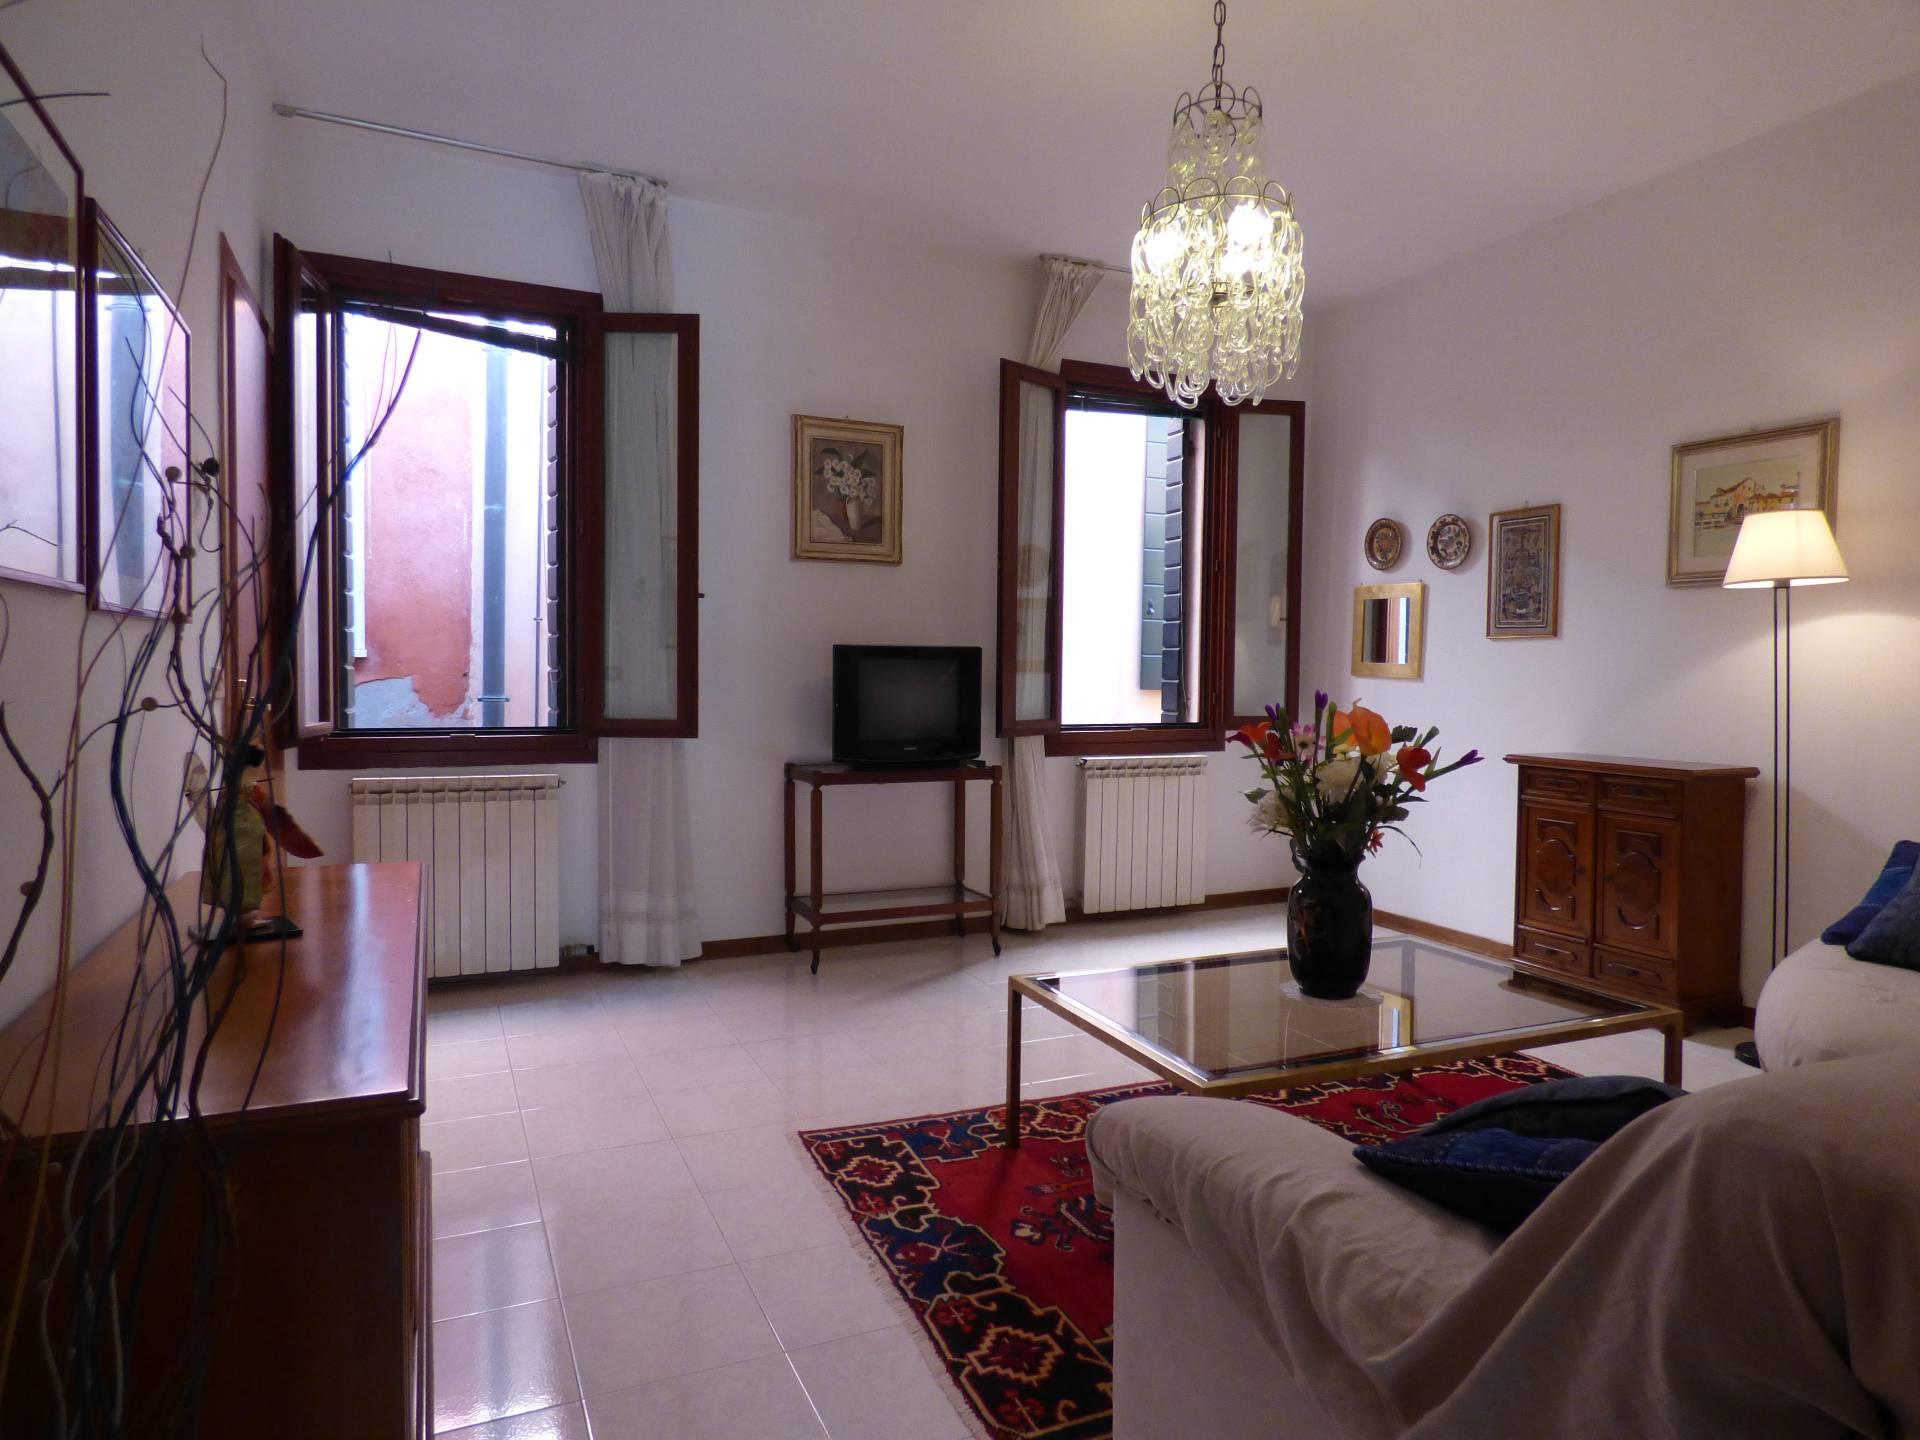 Appartamento in vendita a Venezia, 4 locali, zona Zona: 4 . Castello, prezzo € 345.000 | Cambio Casa.it